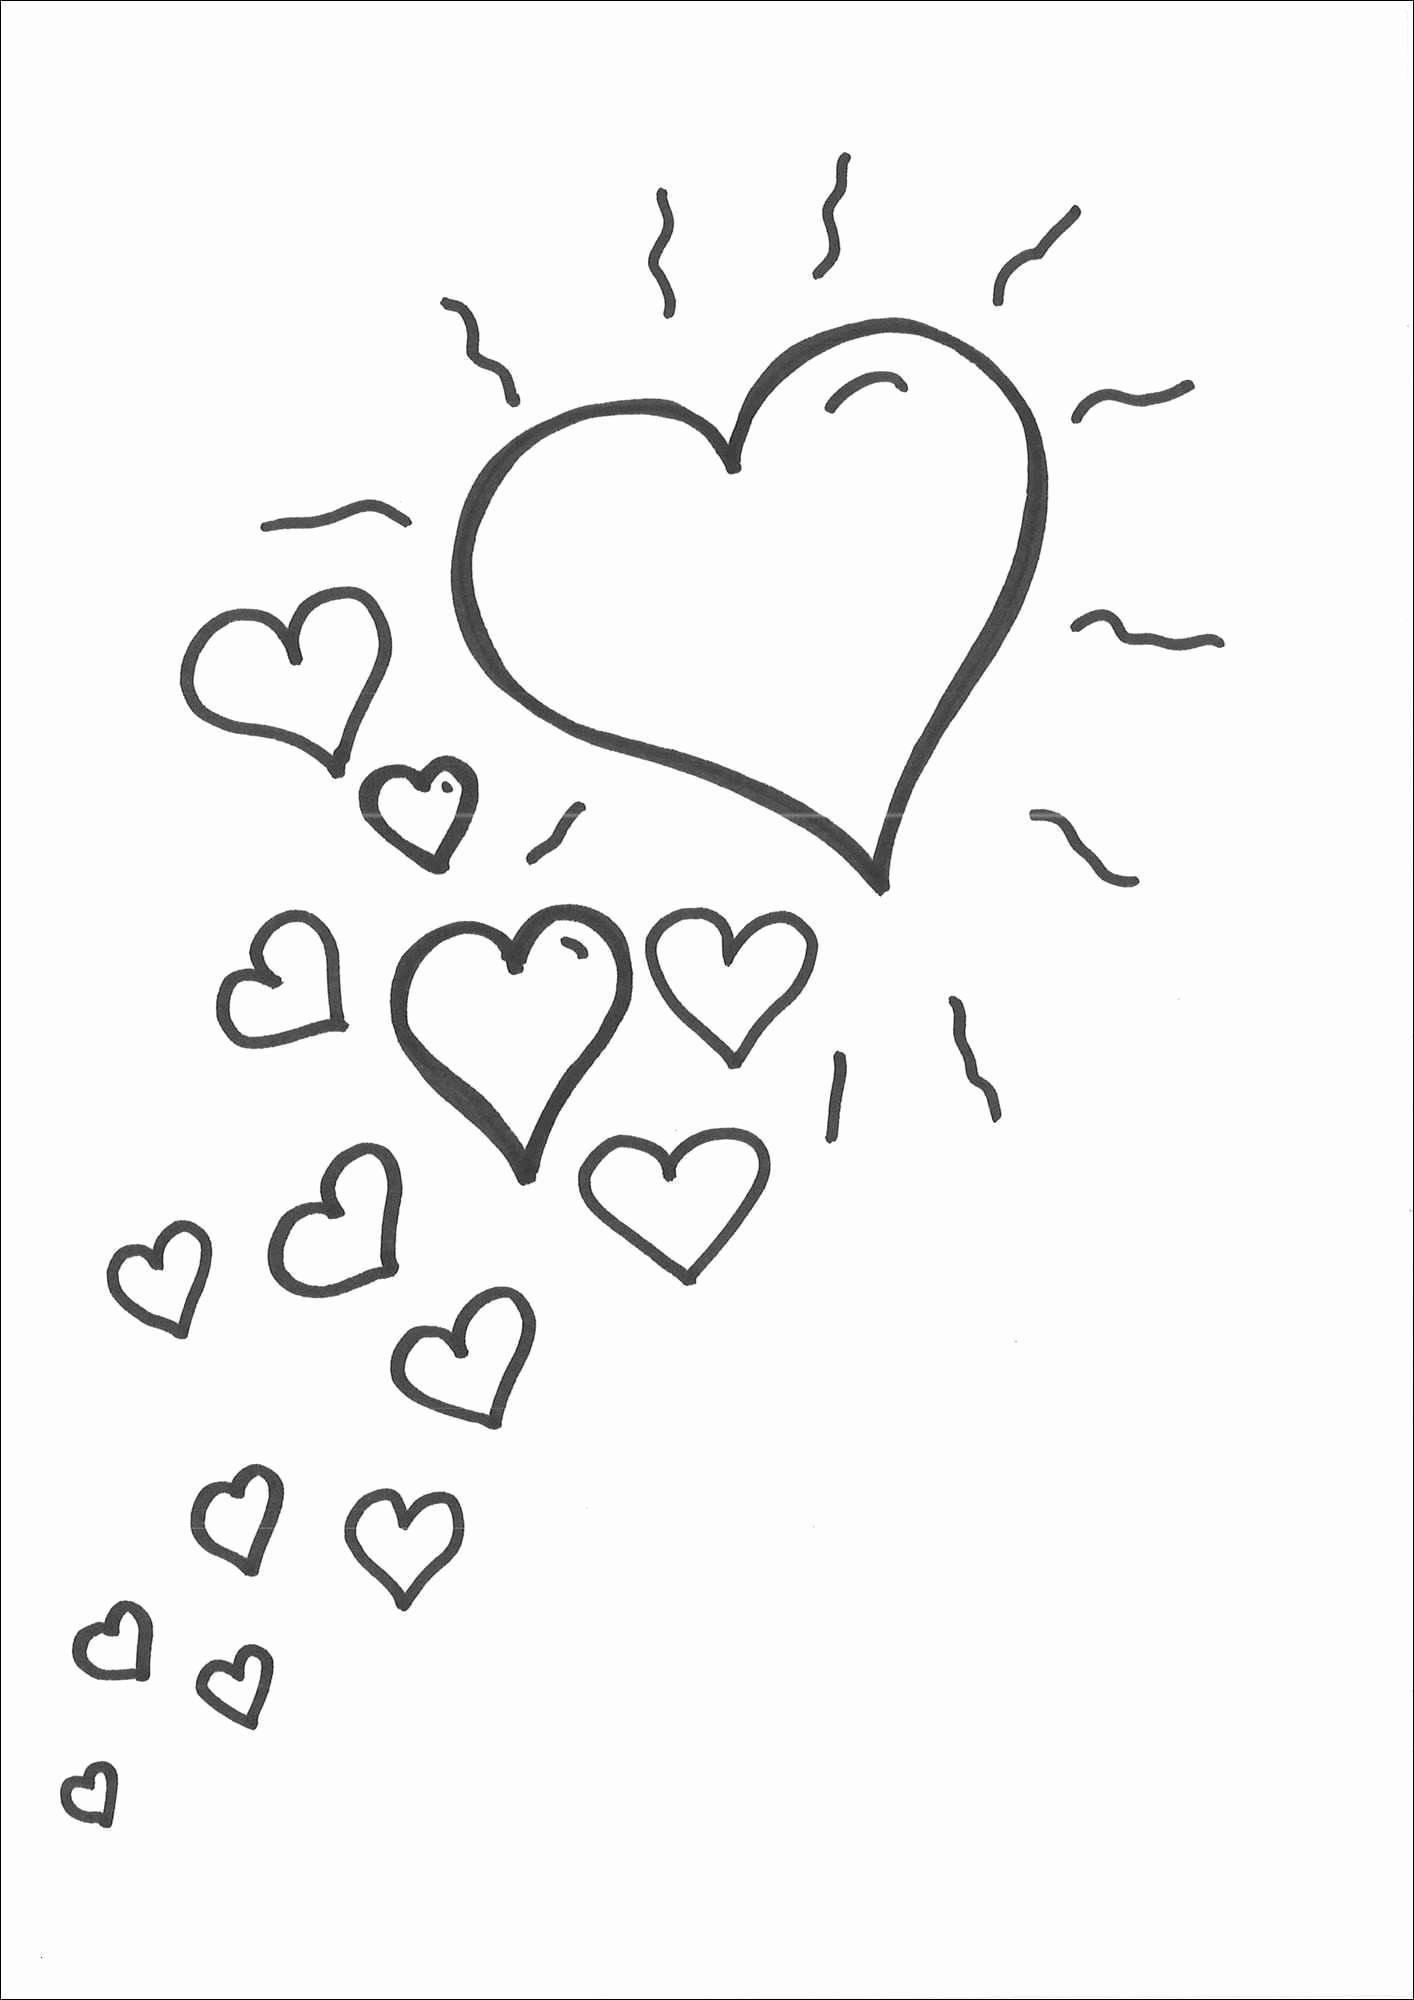 Malvorlagen Lillifee Genial Gratis Malvorlagen Zum Ausdrucken Herz Ausdrucken Kostenlos Thdr Bilder